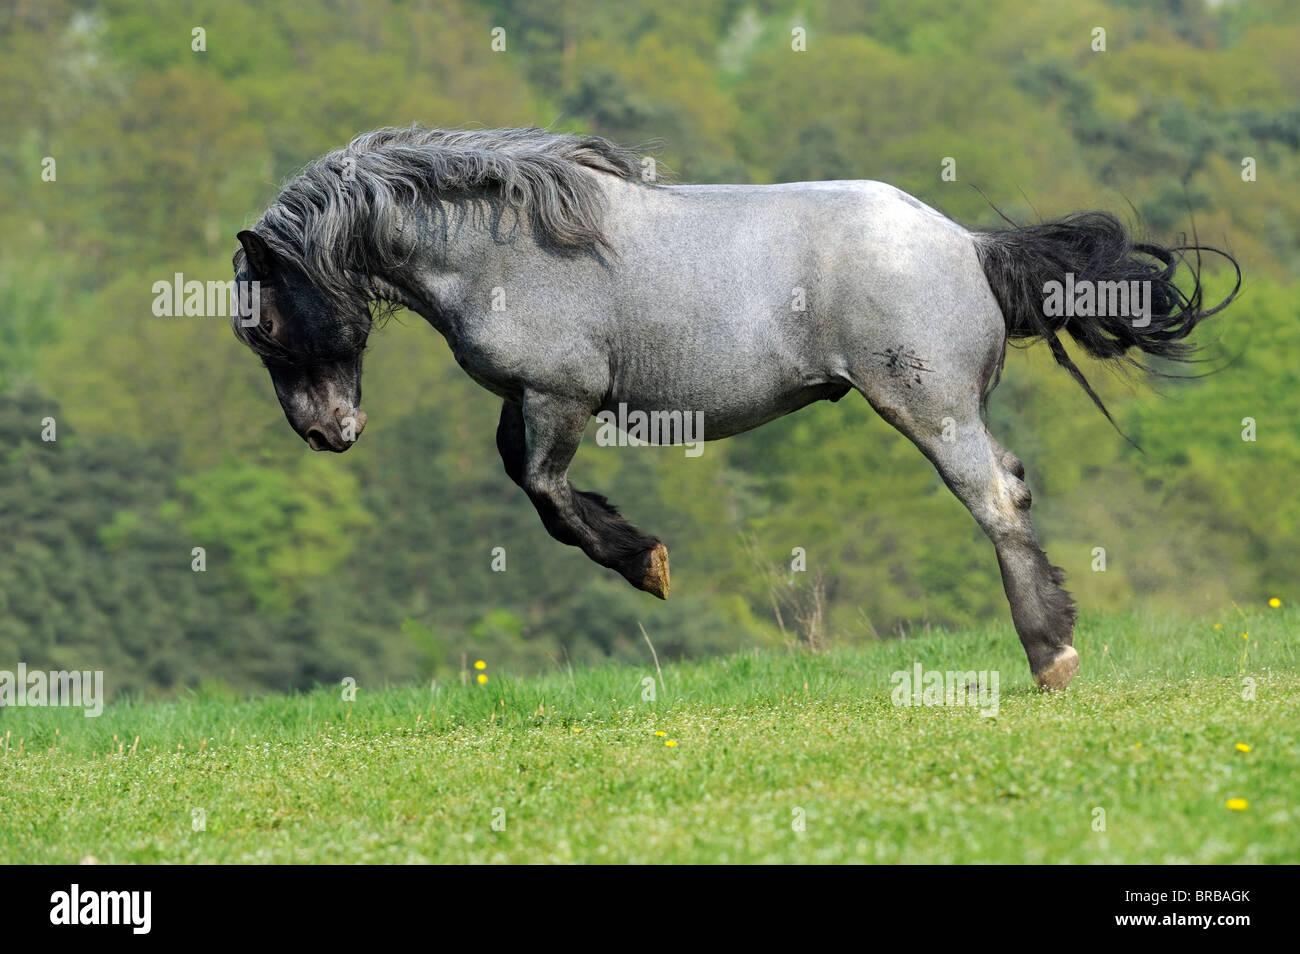 Noriker Pferd (Equus Ferus Caballus), Hengst Ruckeln auf einer Weide. Stockbild